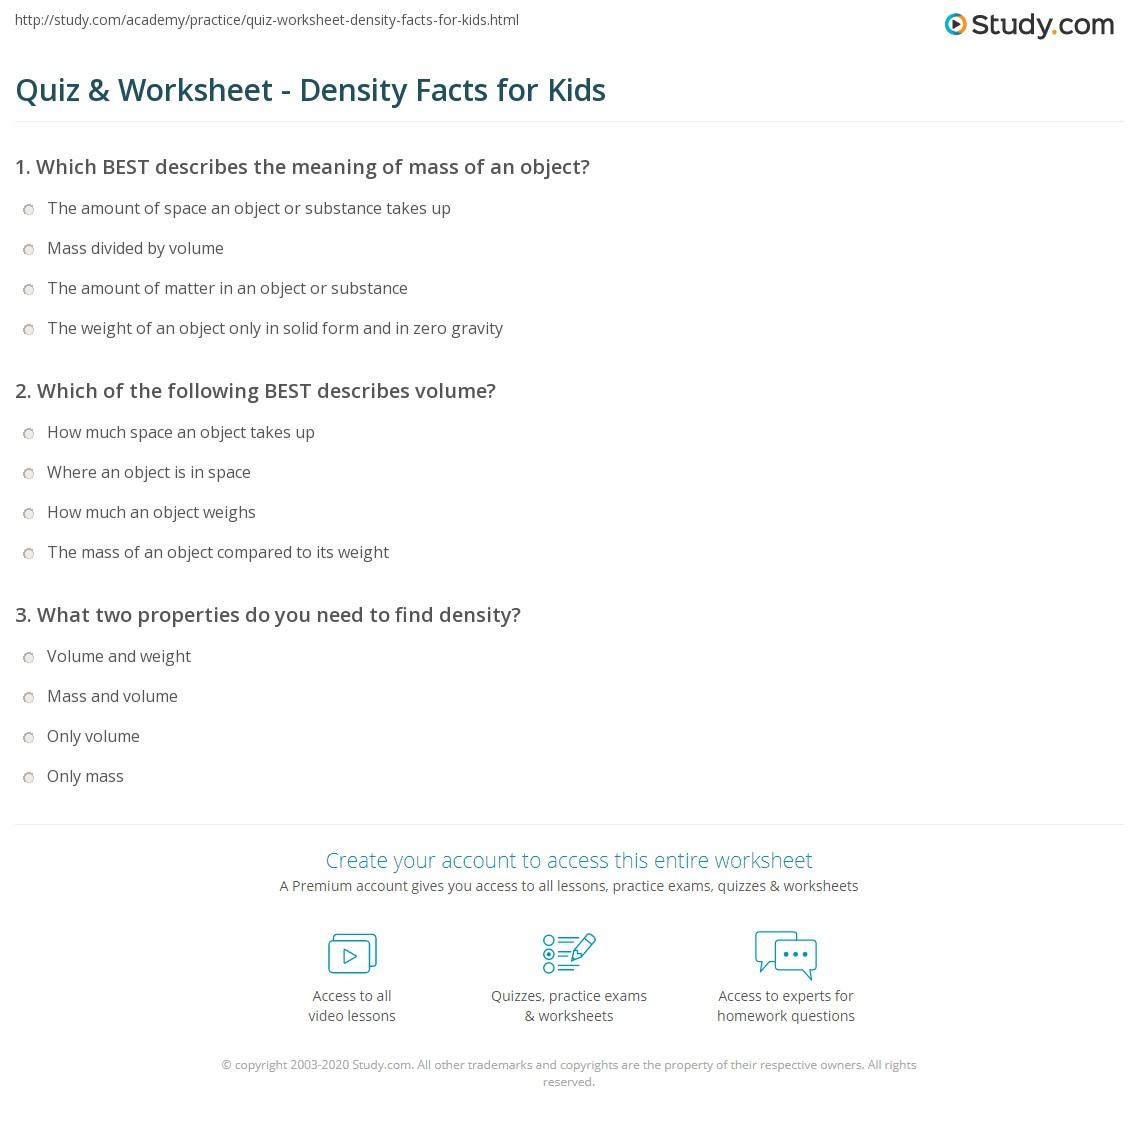 Quiz Worksheet Density Facts For Kids Study Com